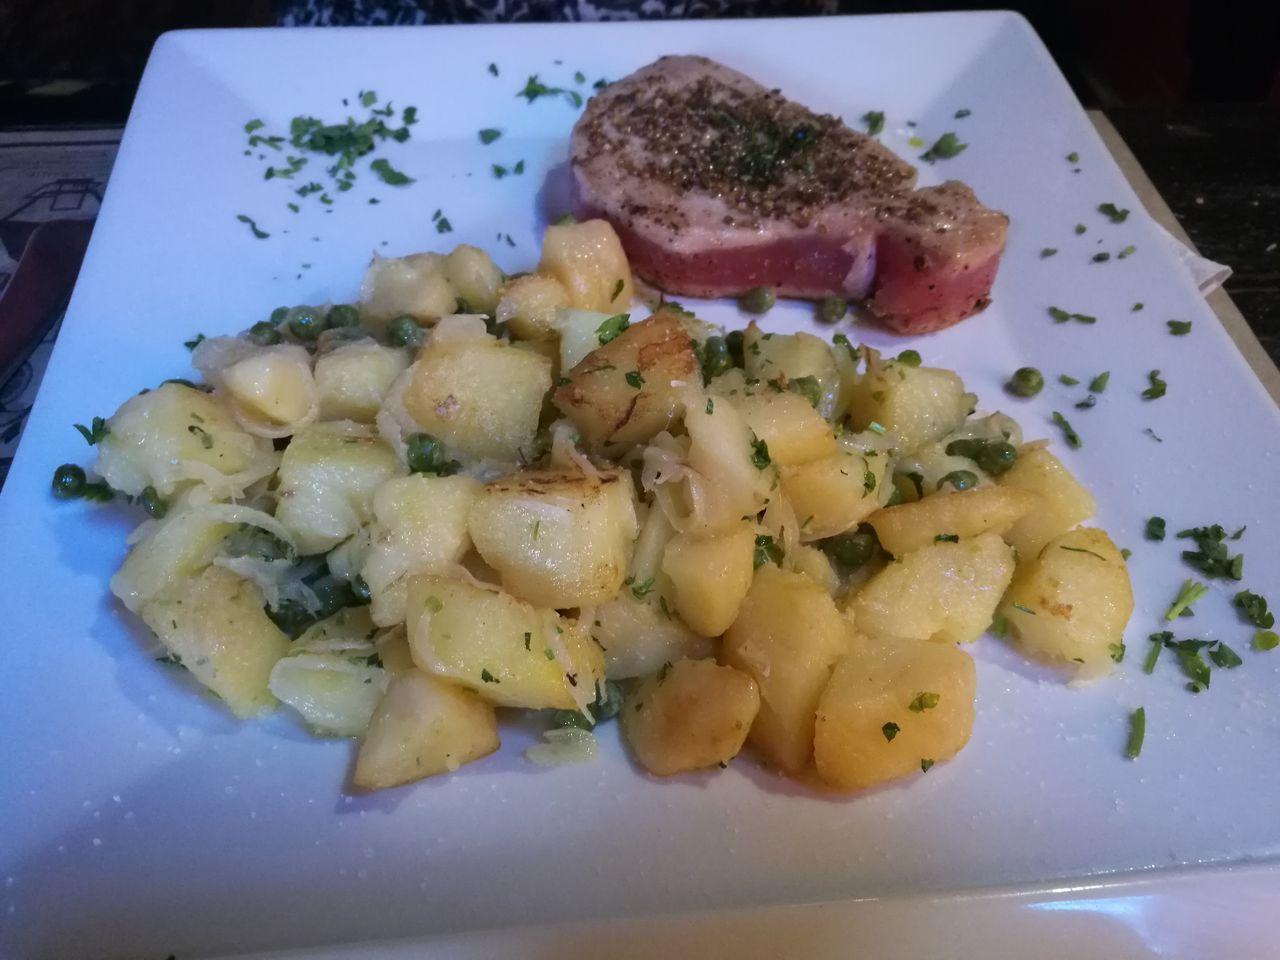 Food Prepared Potato Fish Atún Rojo Comida Sana/Healthy Food